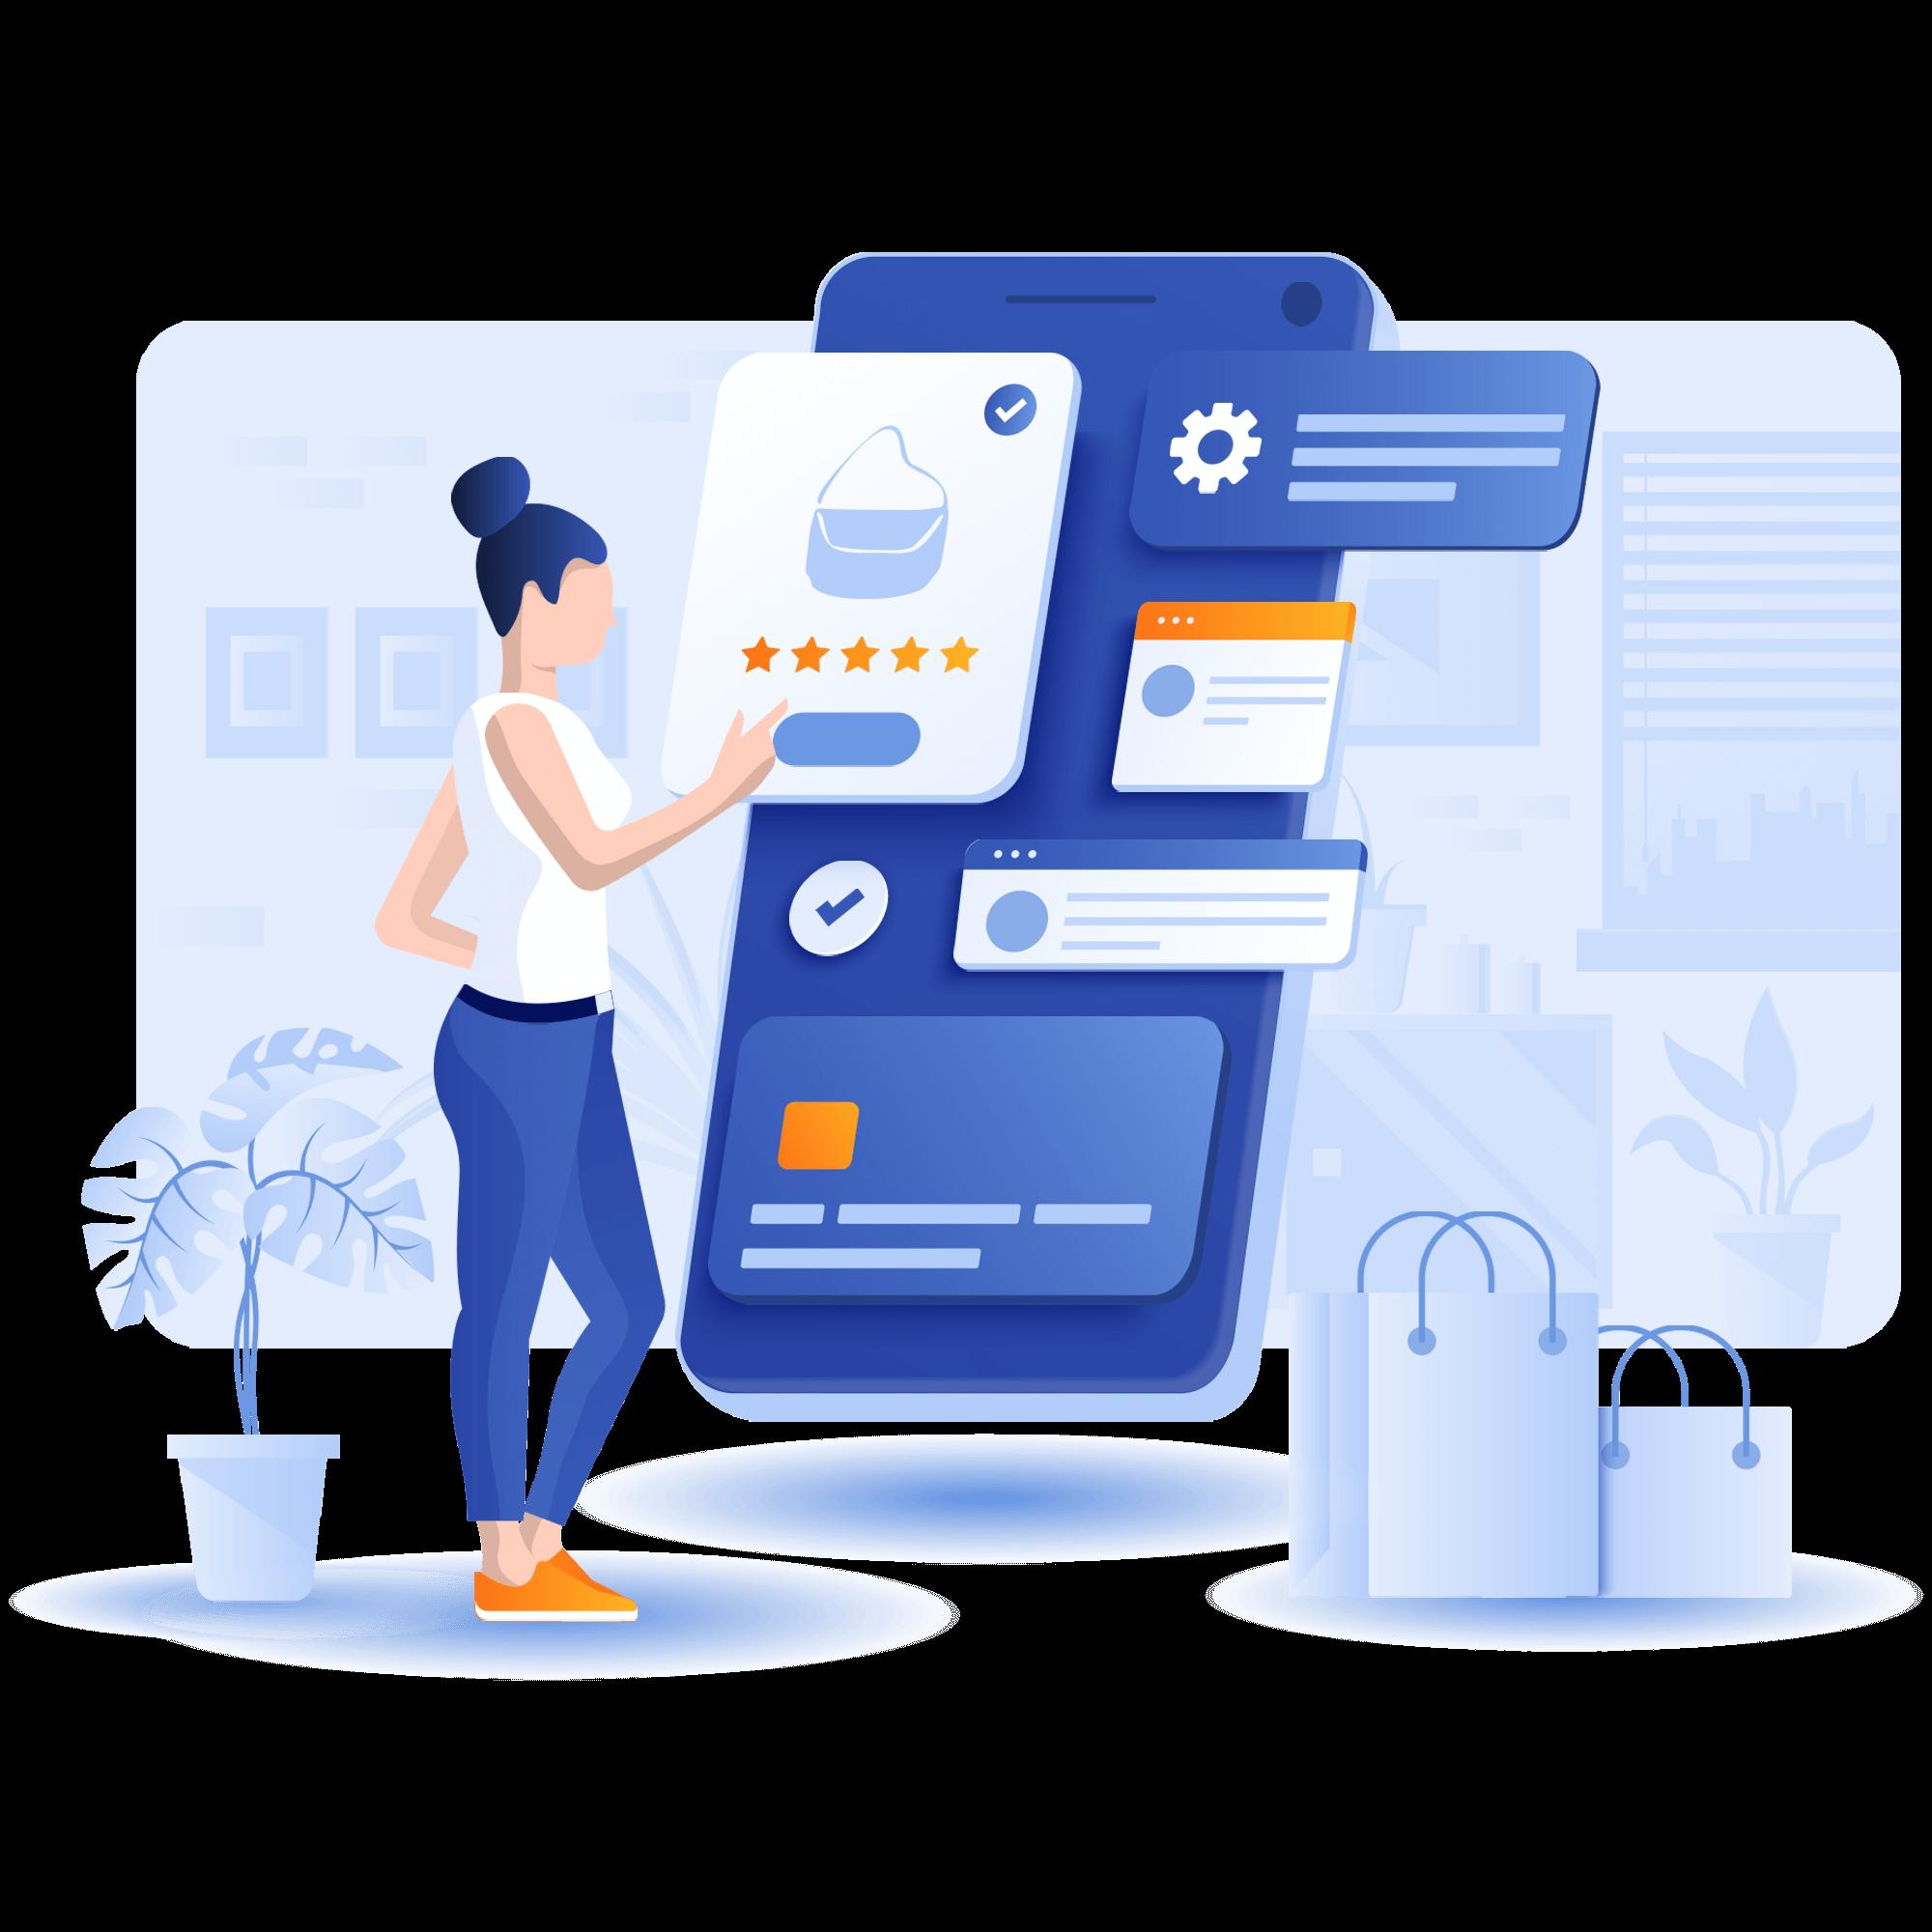 Venta en línea y comercio electrónico - Ecommerce